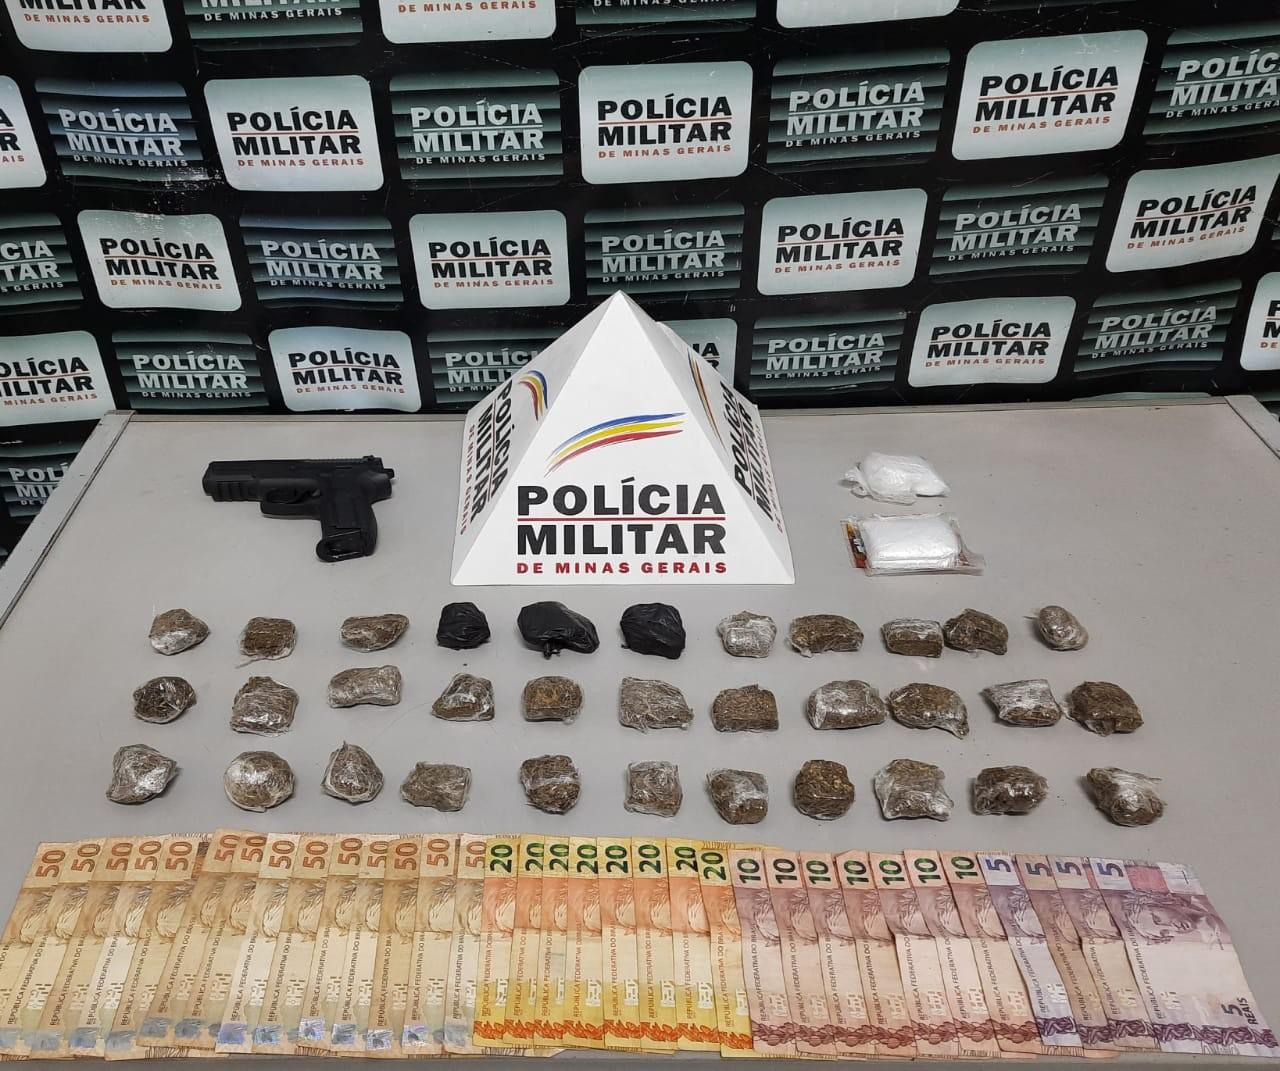 PM apreende mais de 30 tabletes de maconha e réplica de pistola com rapaz em Pará de Minas